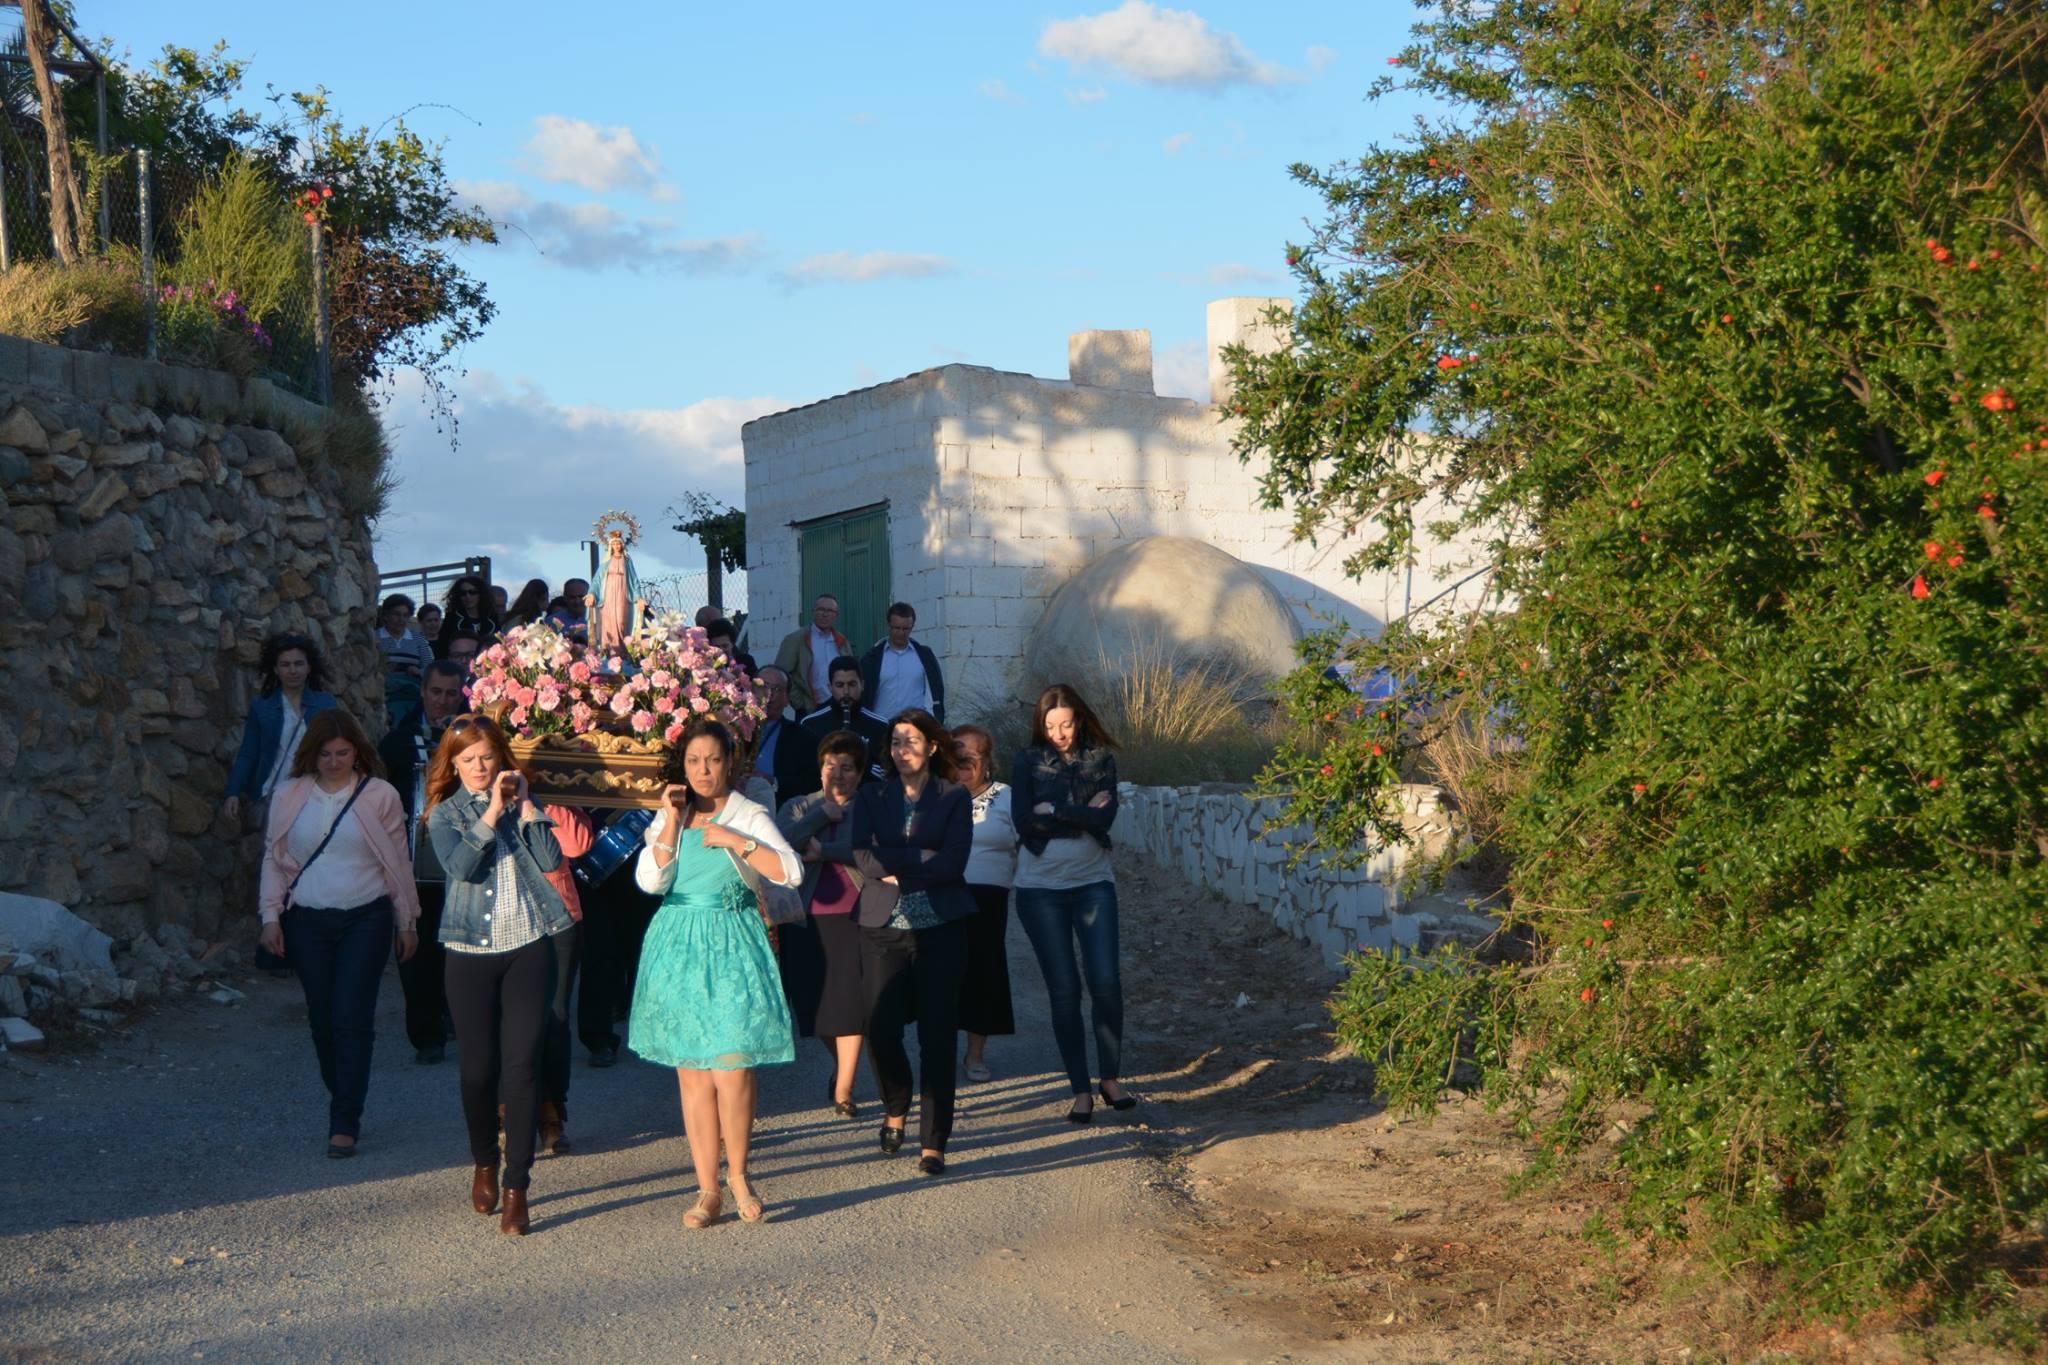 Procesión en las Fiestas del Cerro Gordo